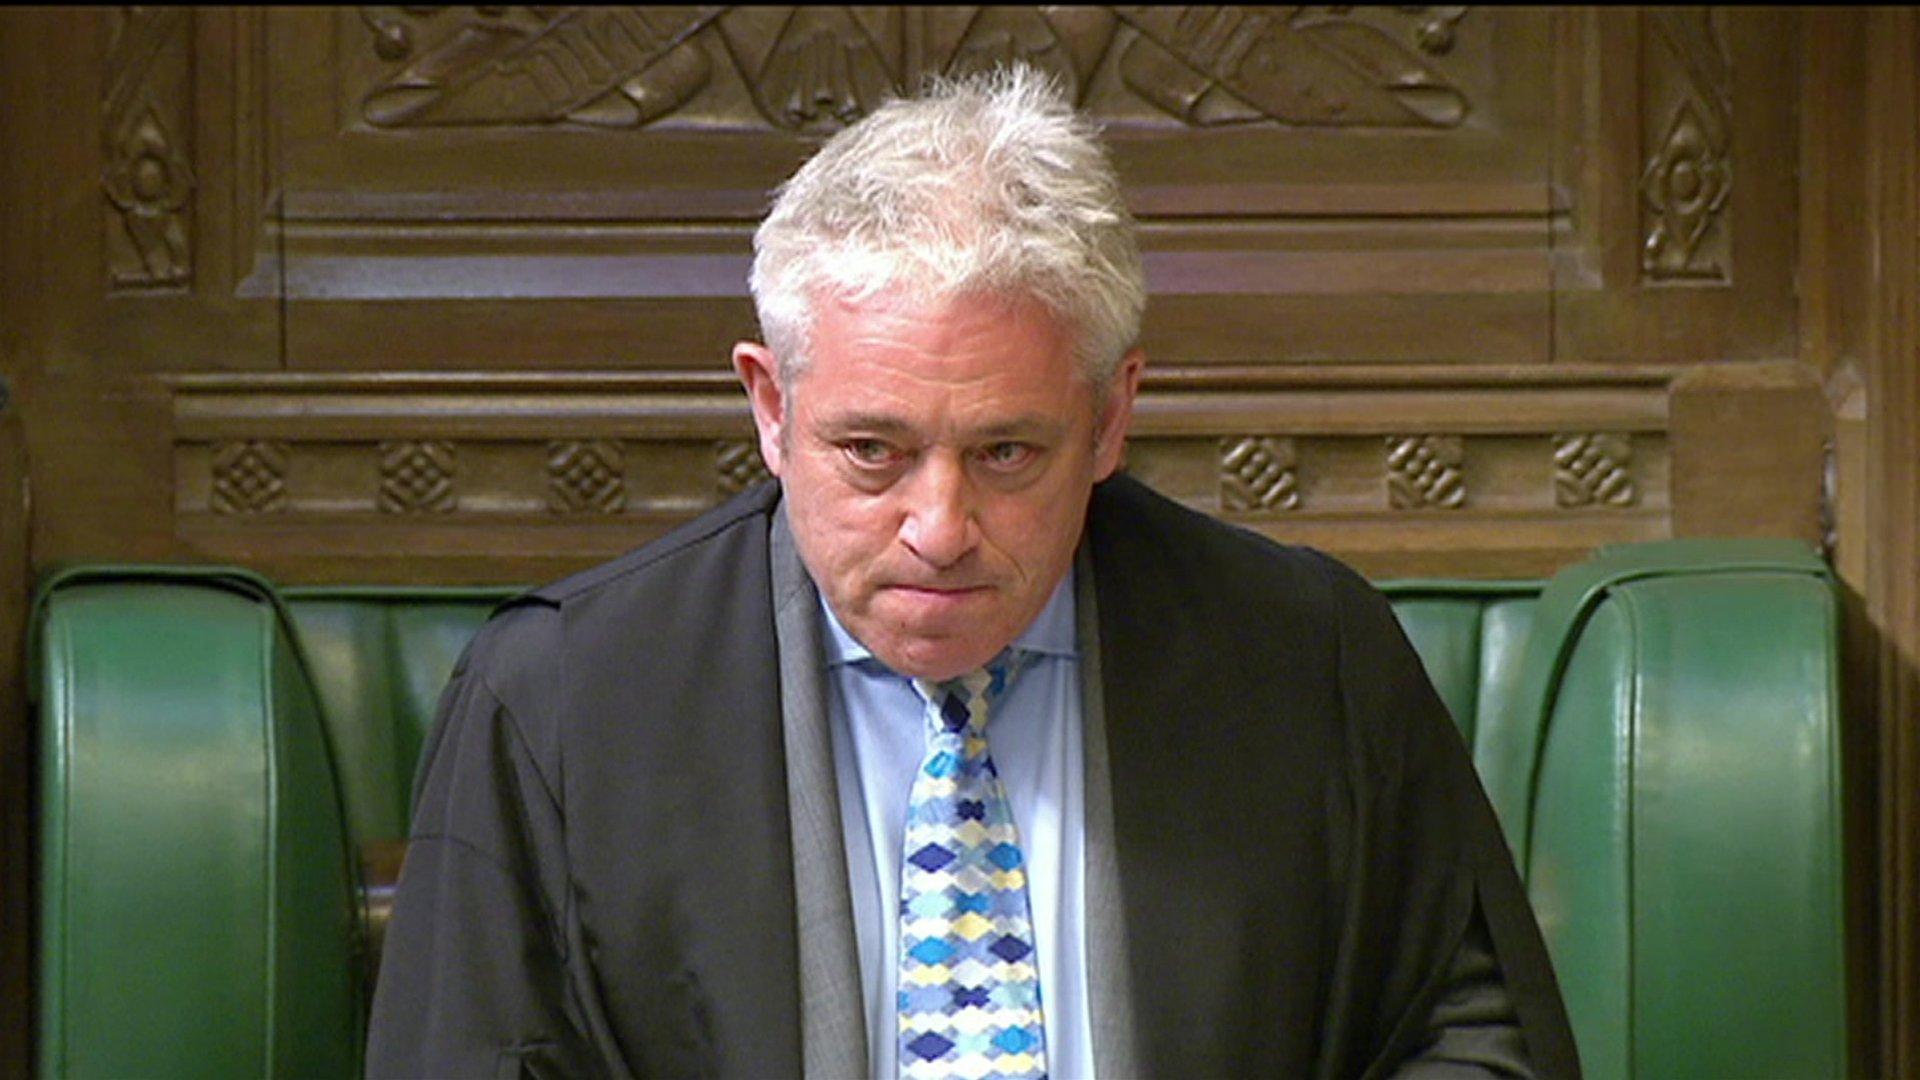 Speaker John Bercow admits muttering word 'stupid'